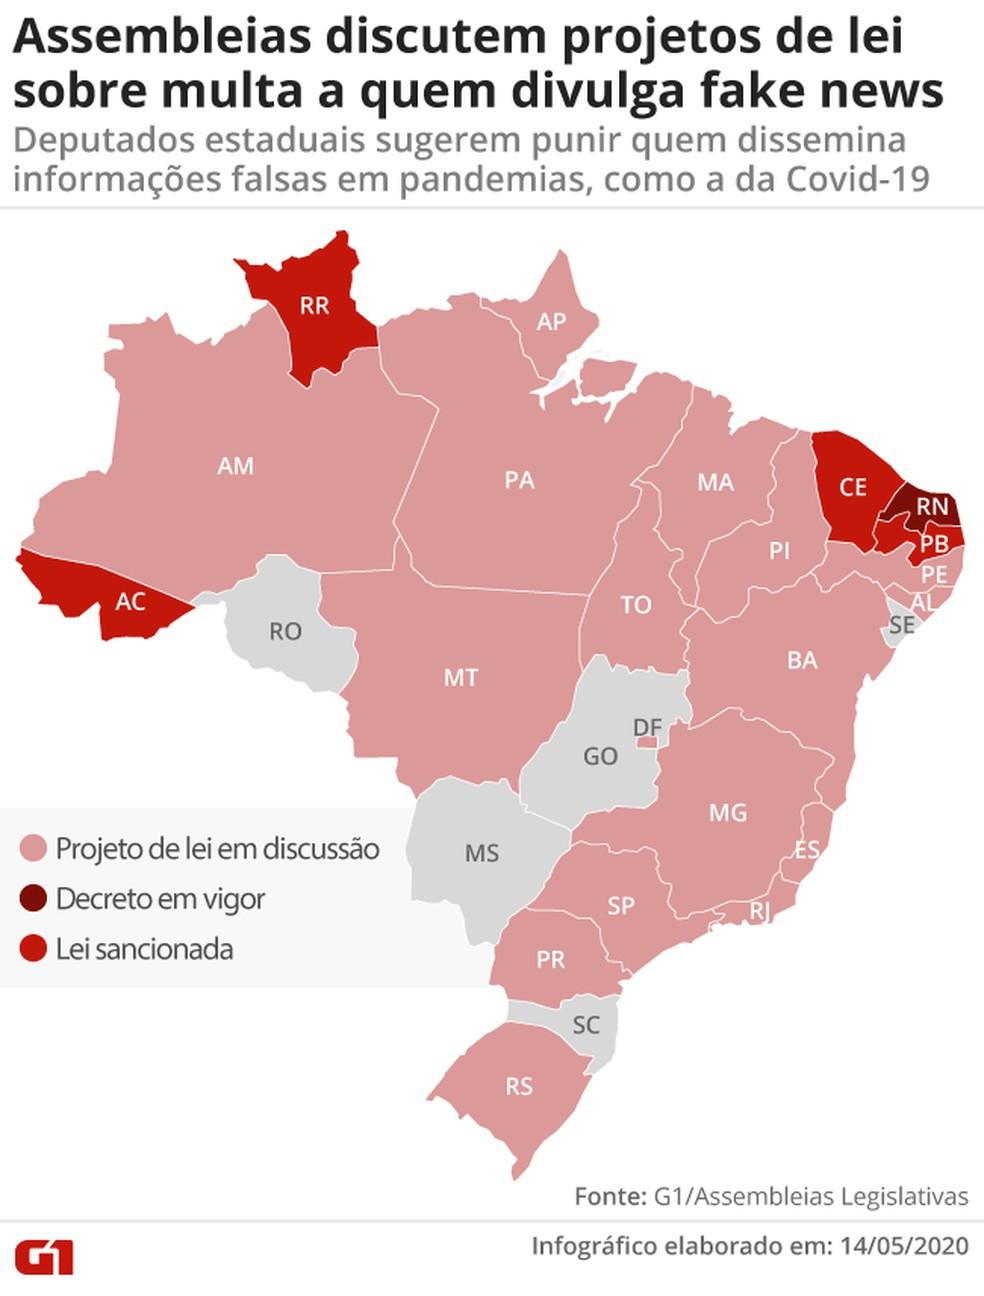 Assembleias discutem projetos de lei sobre multa a quem divulga fake news — Foto: Cido Gonçalves/G1